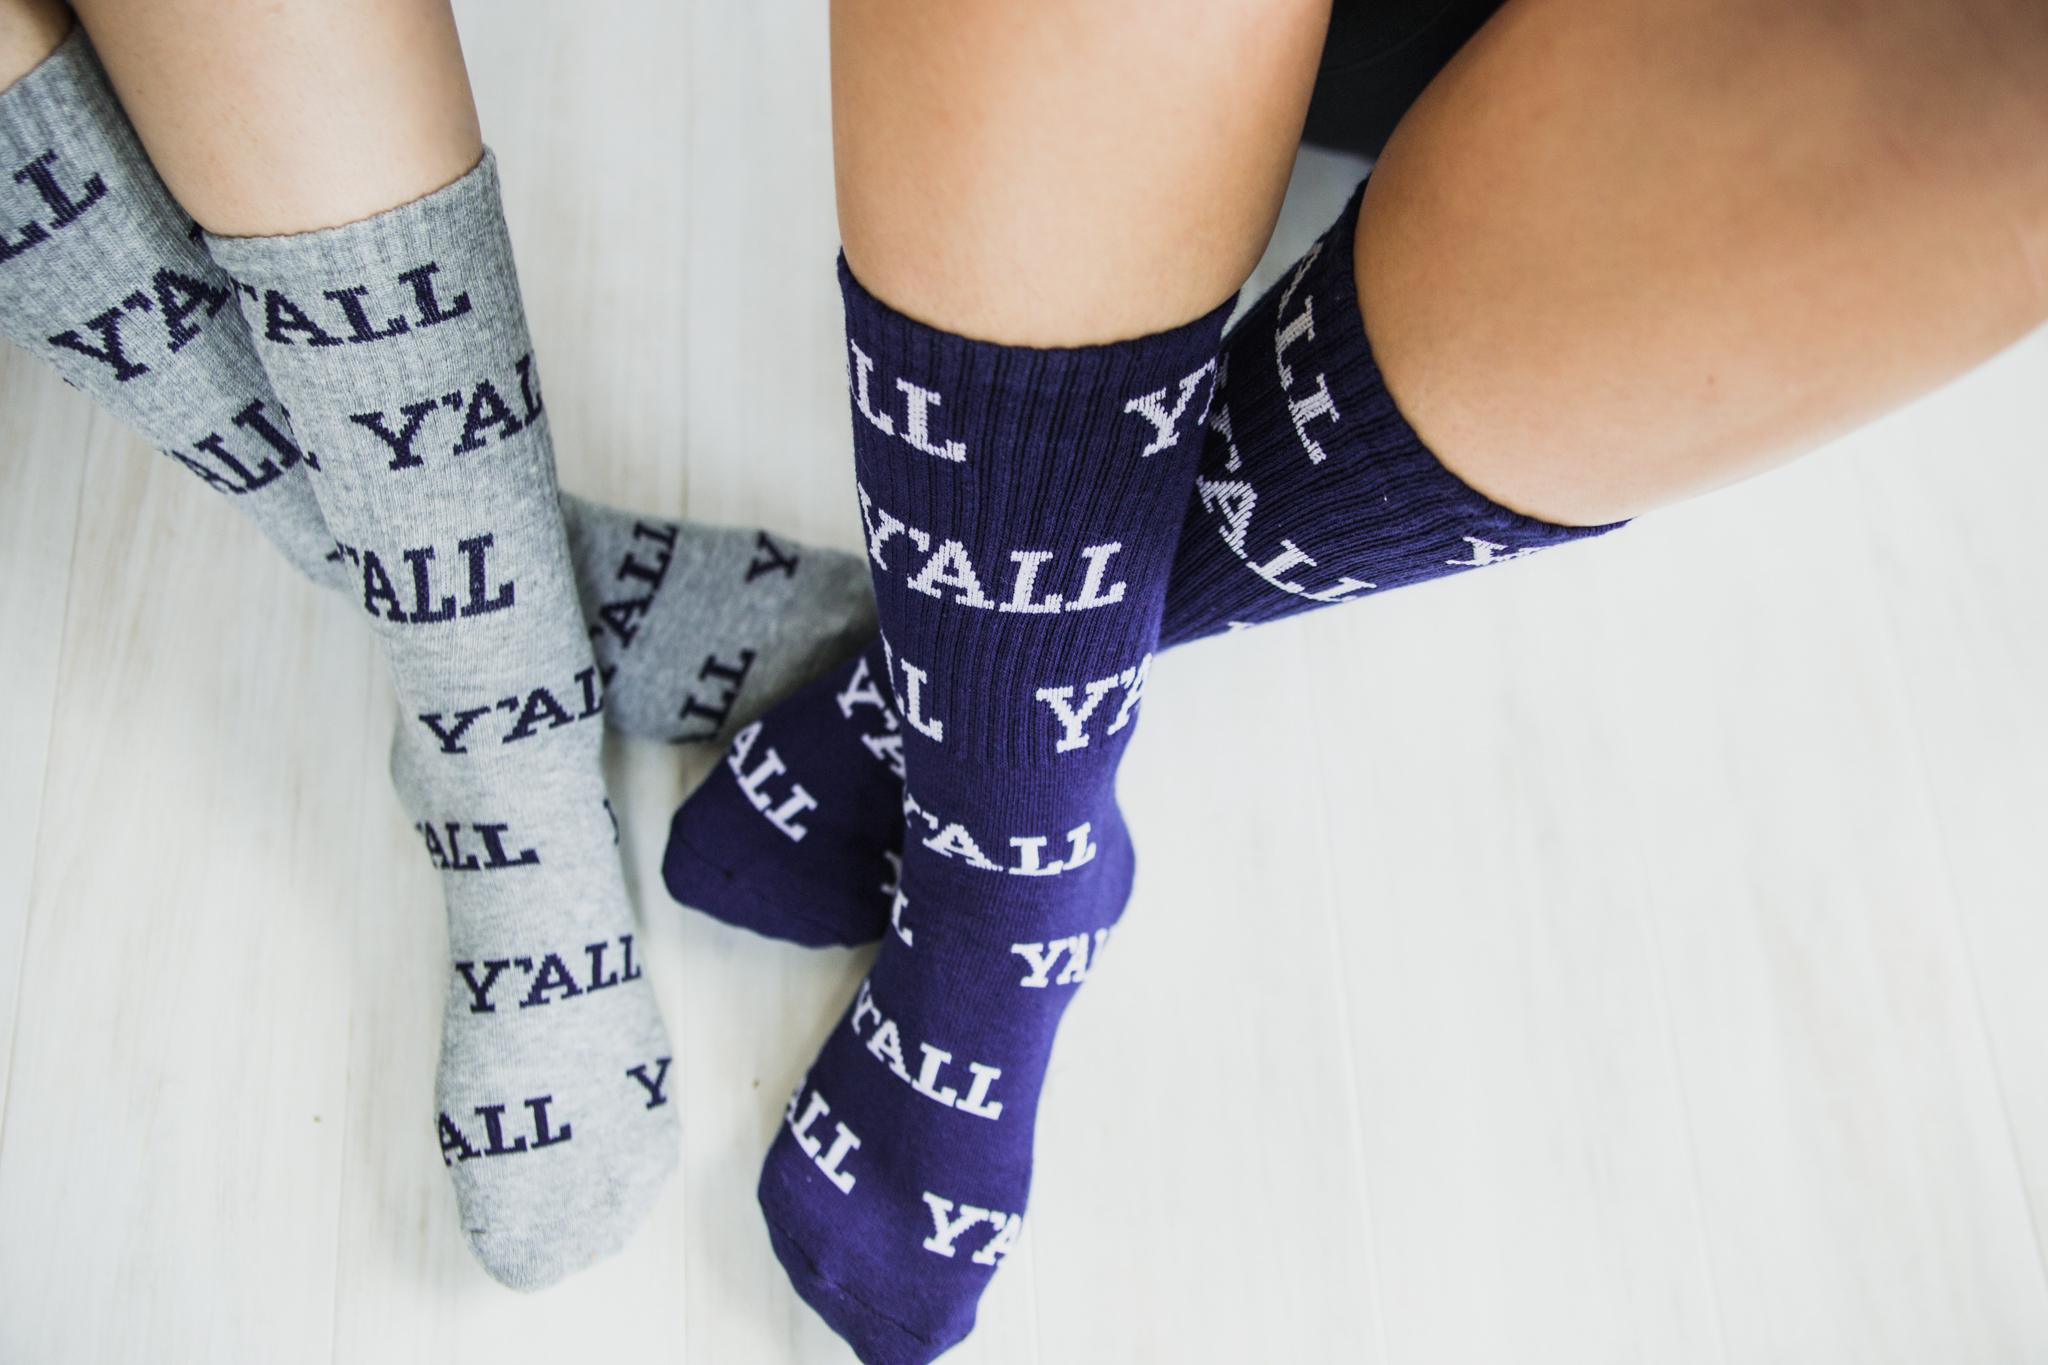 Yall Socks Pic.jpg